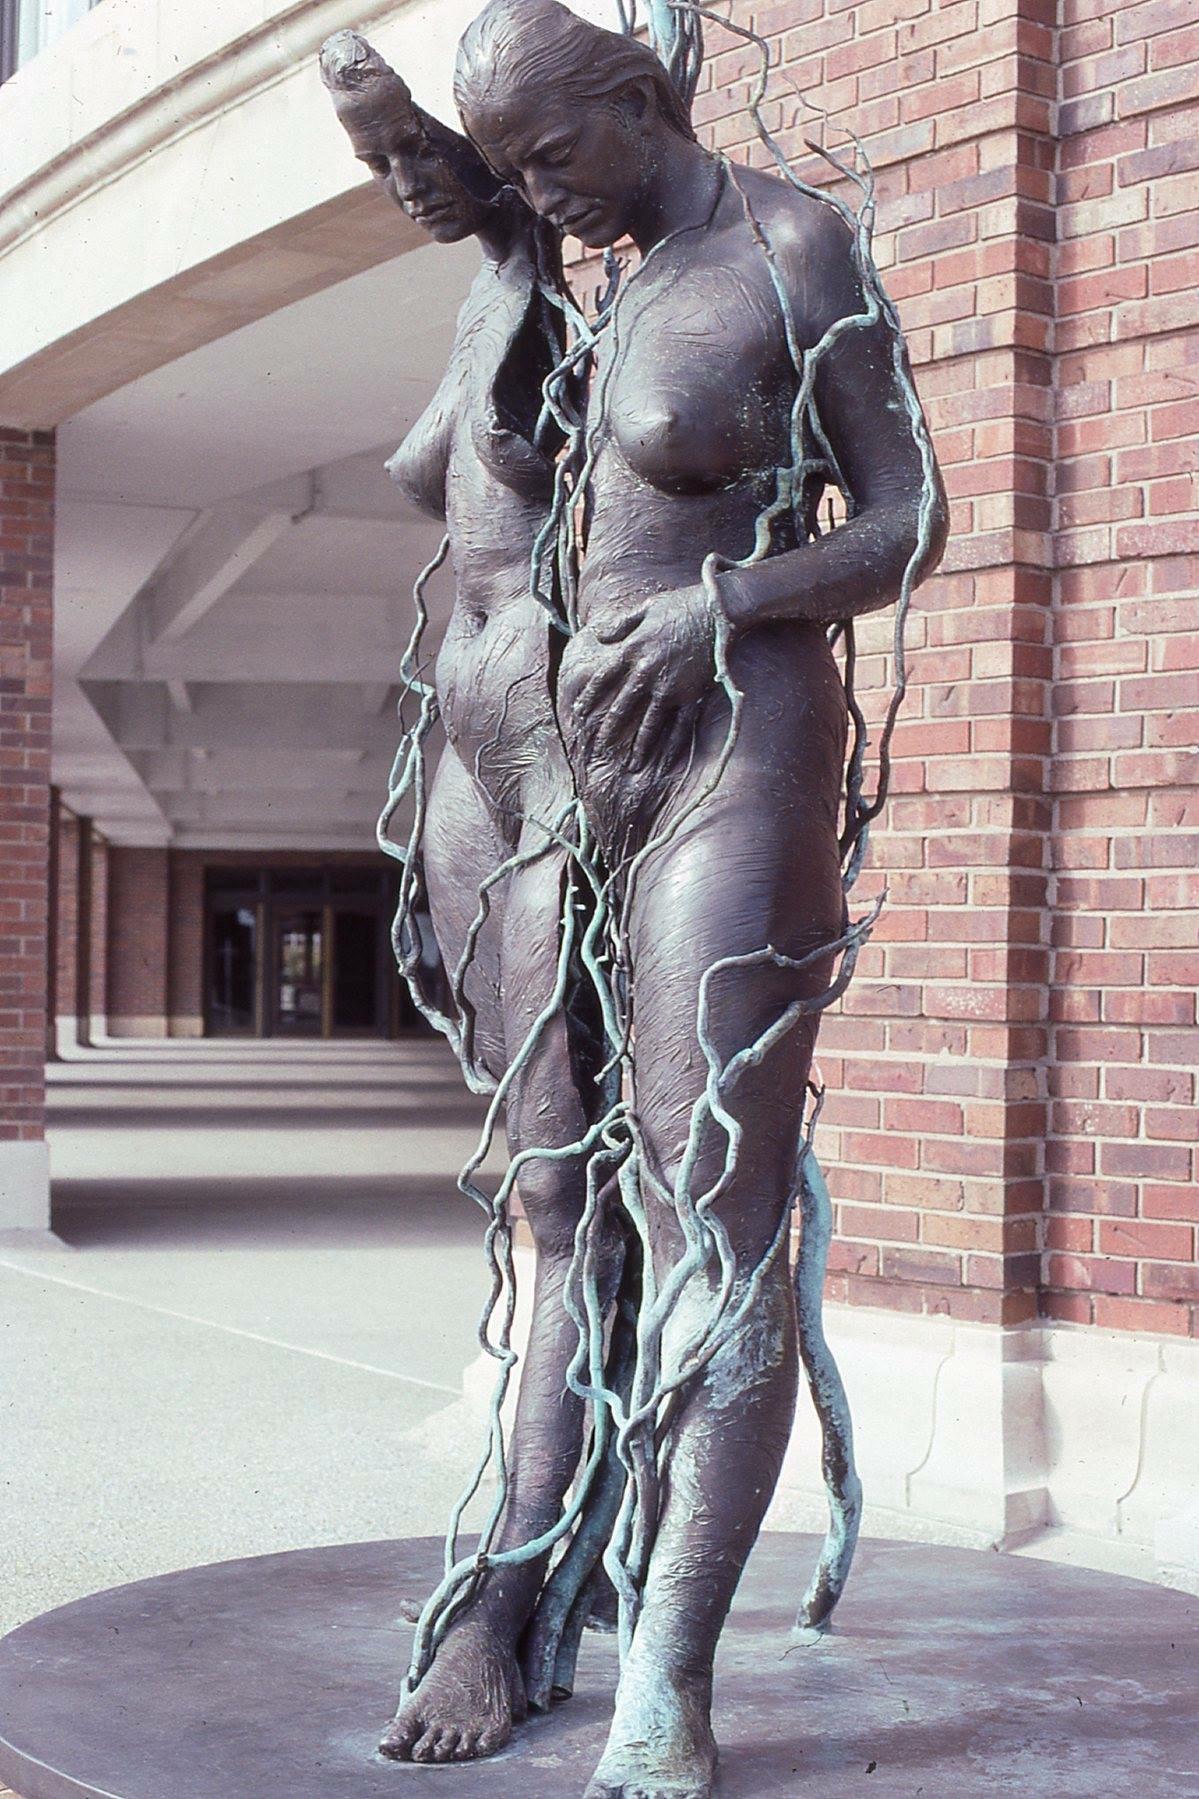 Gaia  - 11'X 6'X 6'in cast bronze (2000) at Navy Pier in Chicago, IL